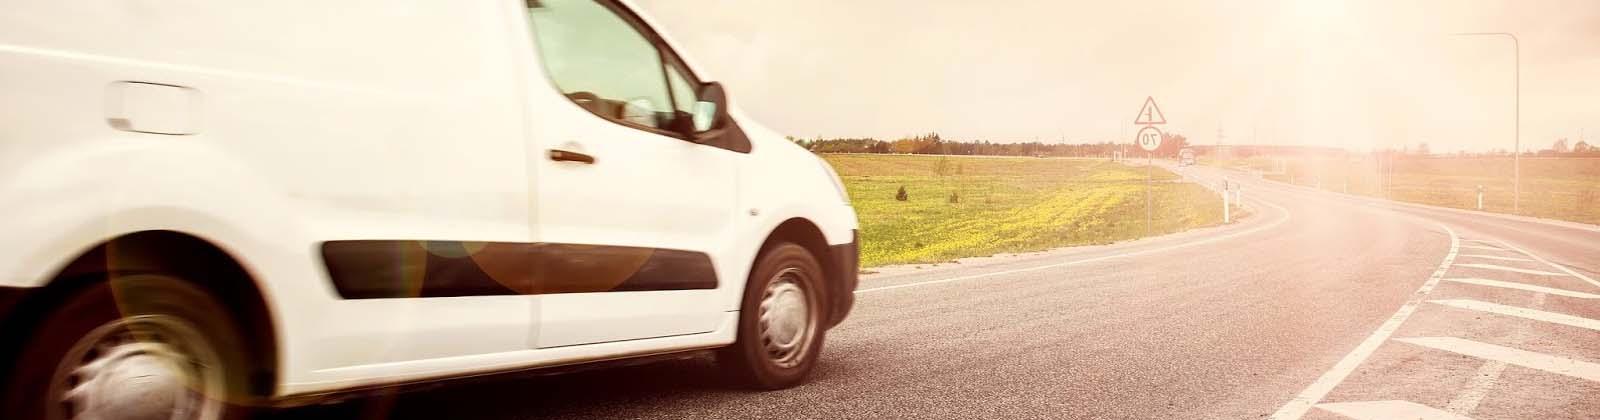 Noleggio auto a lungo termine Milano e provincia